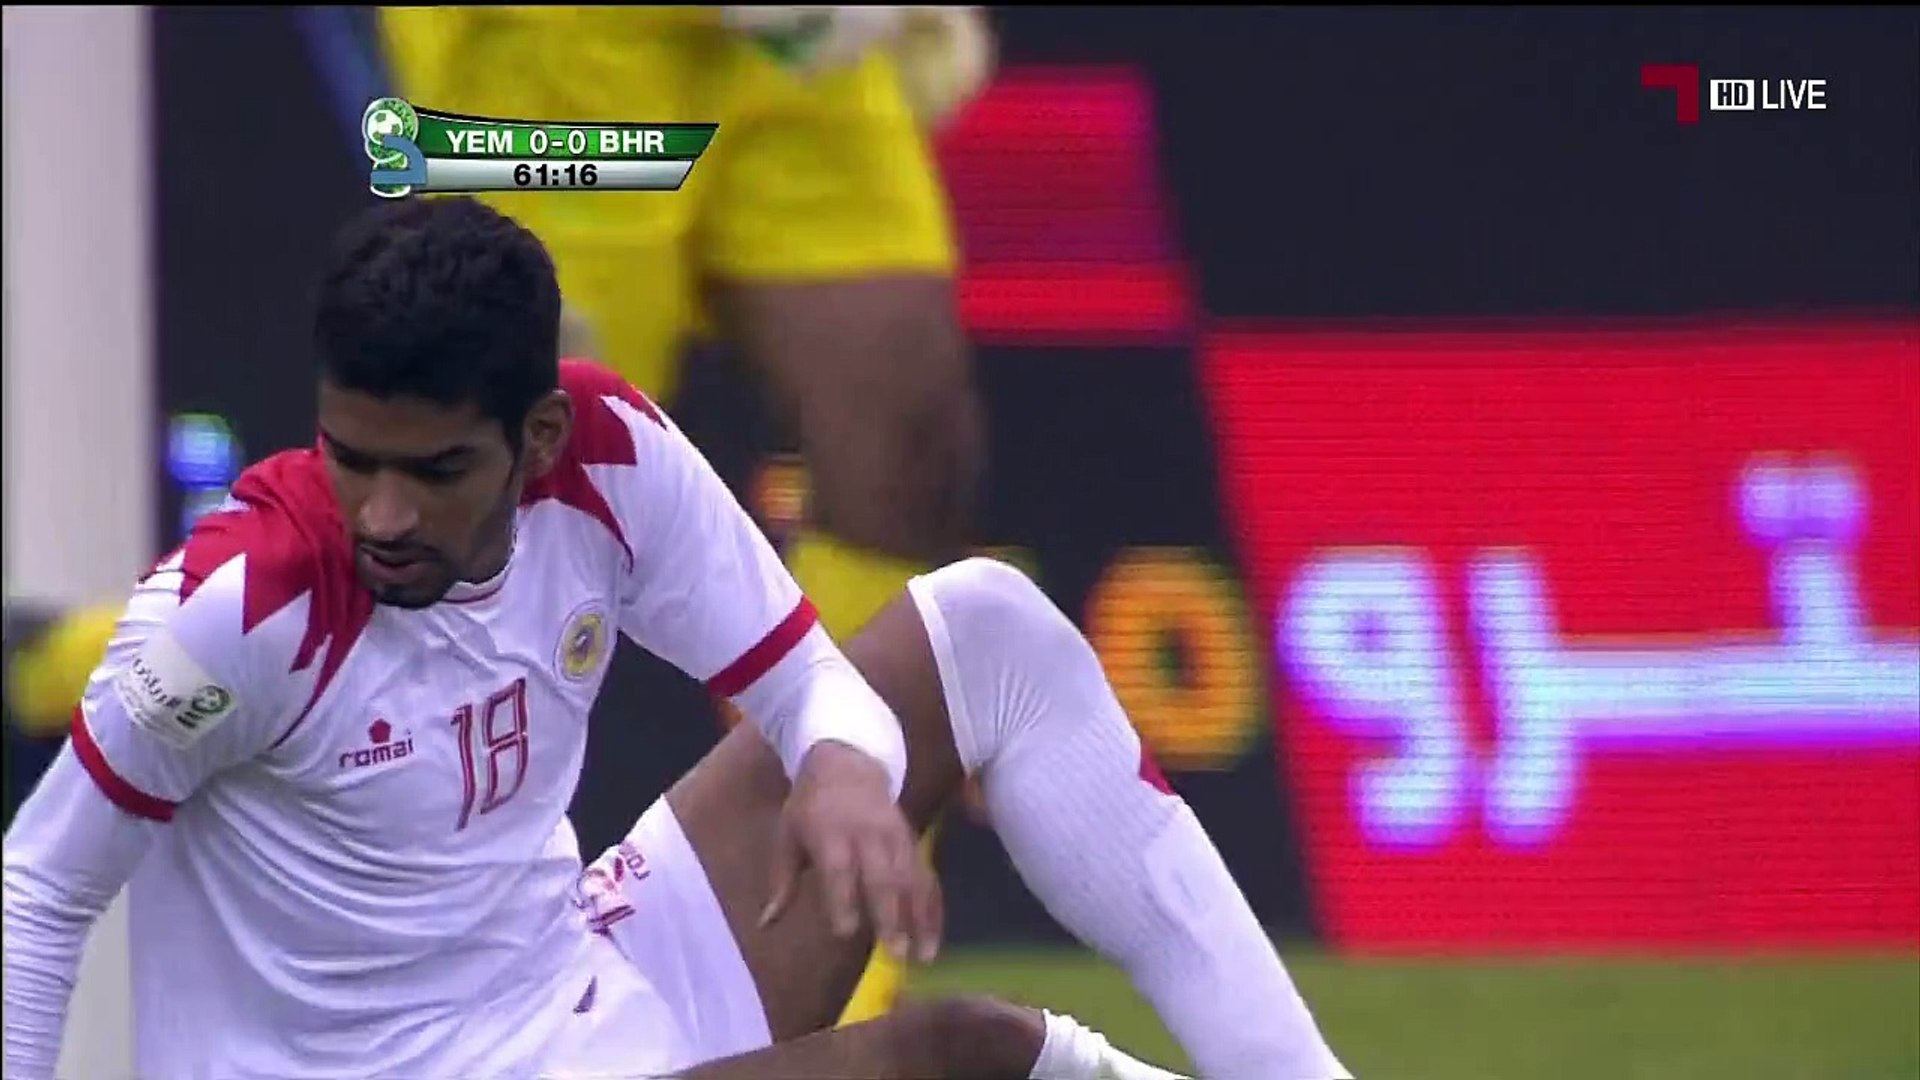 ملخص أحداث الشوط الثاني من مباراة البحرين واليمن